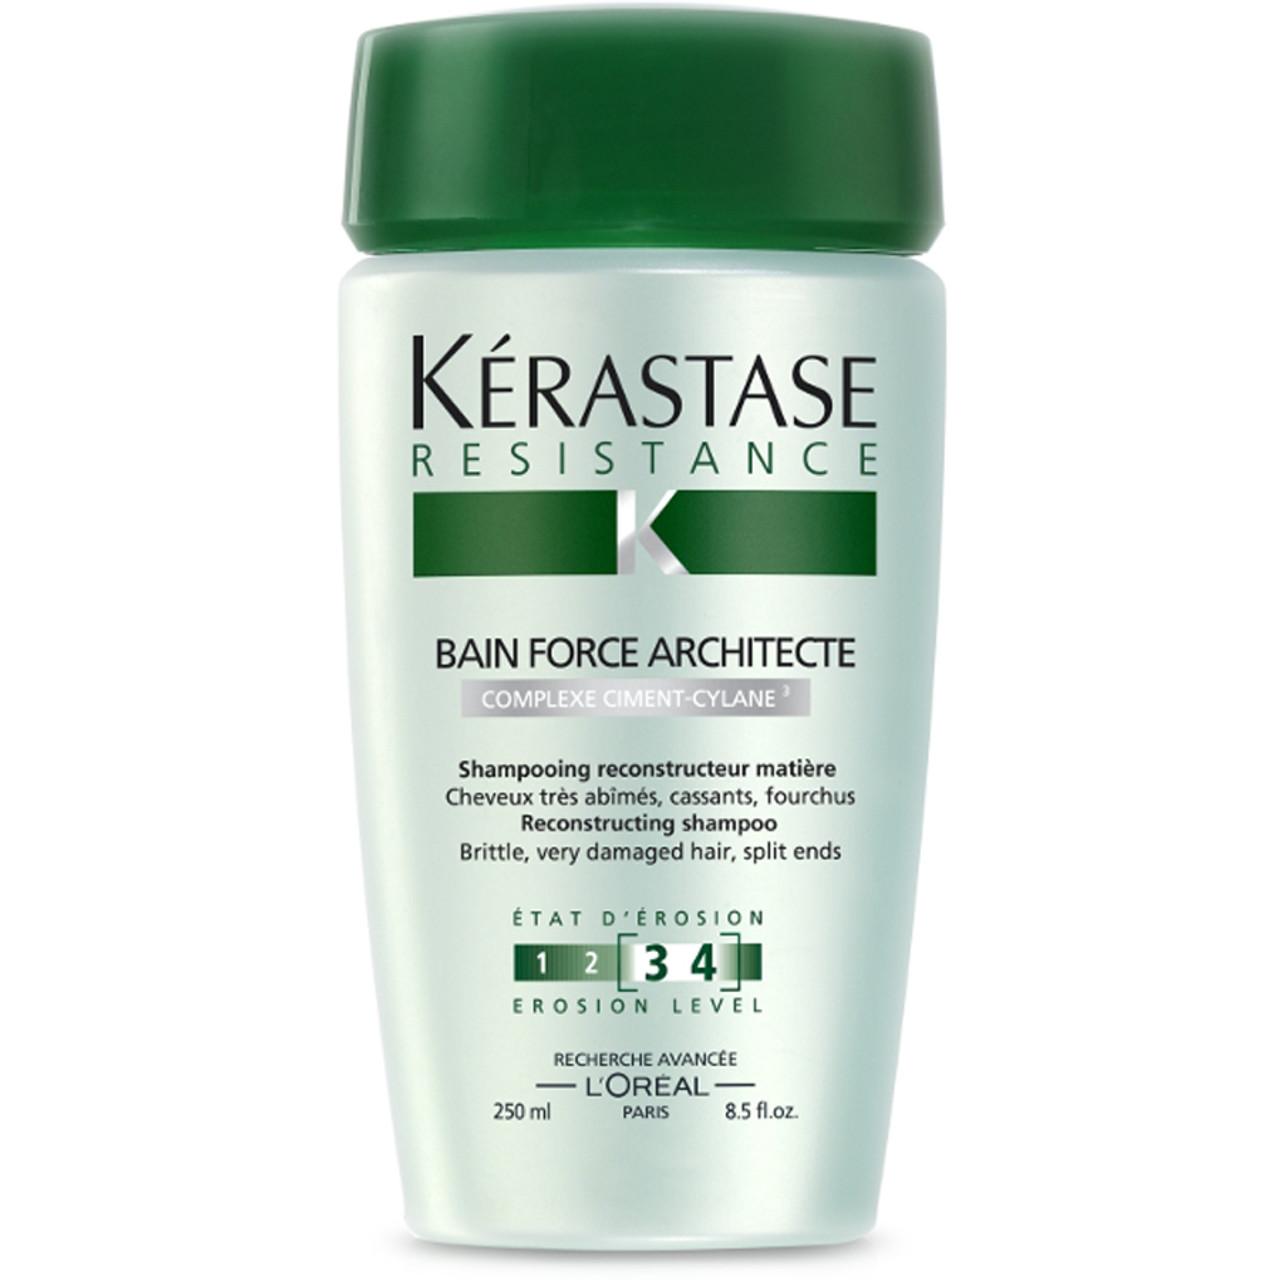 how to use kerastase shampoo